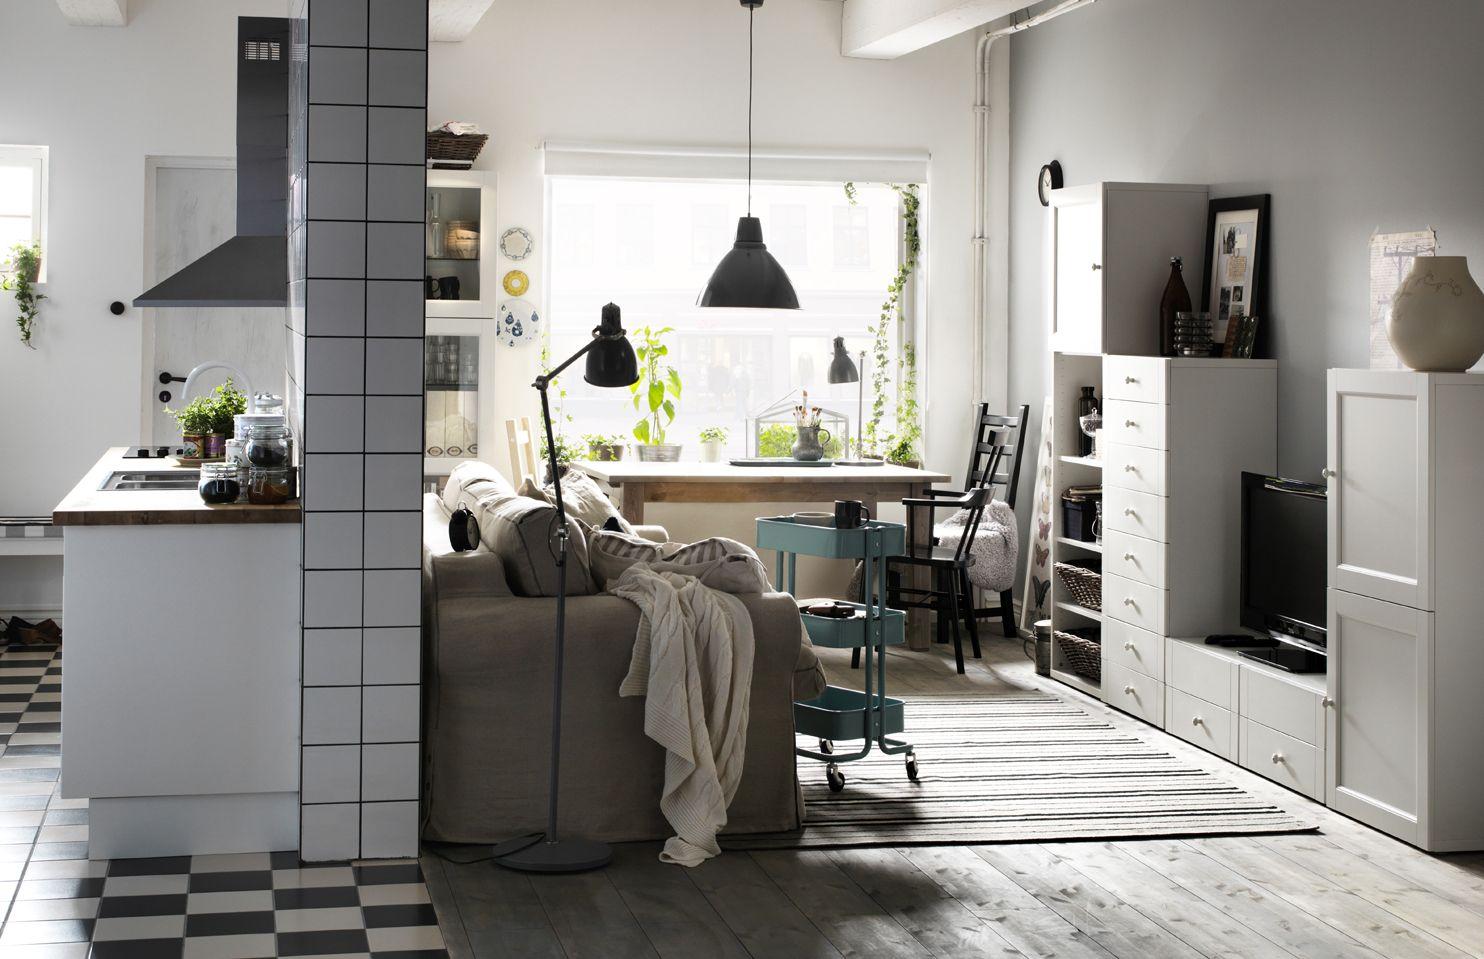 IKEA Österreich, Inspiration, Wohnzimmer, Regal BESTÅ, Plaid URSULA,  Wandschrank FAKTUM,